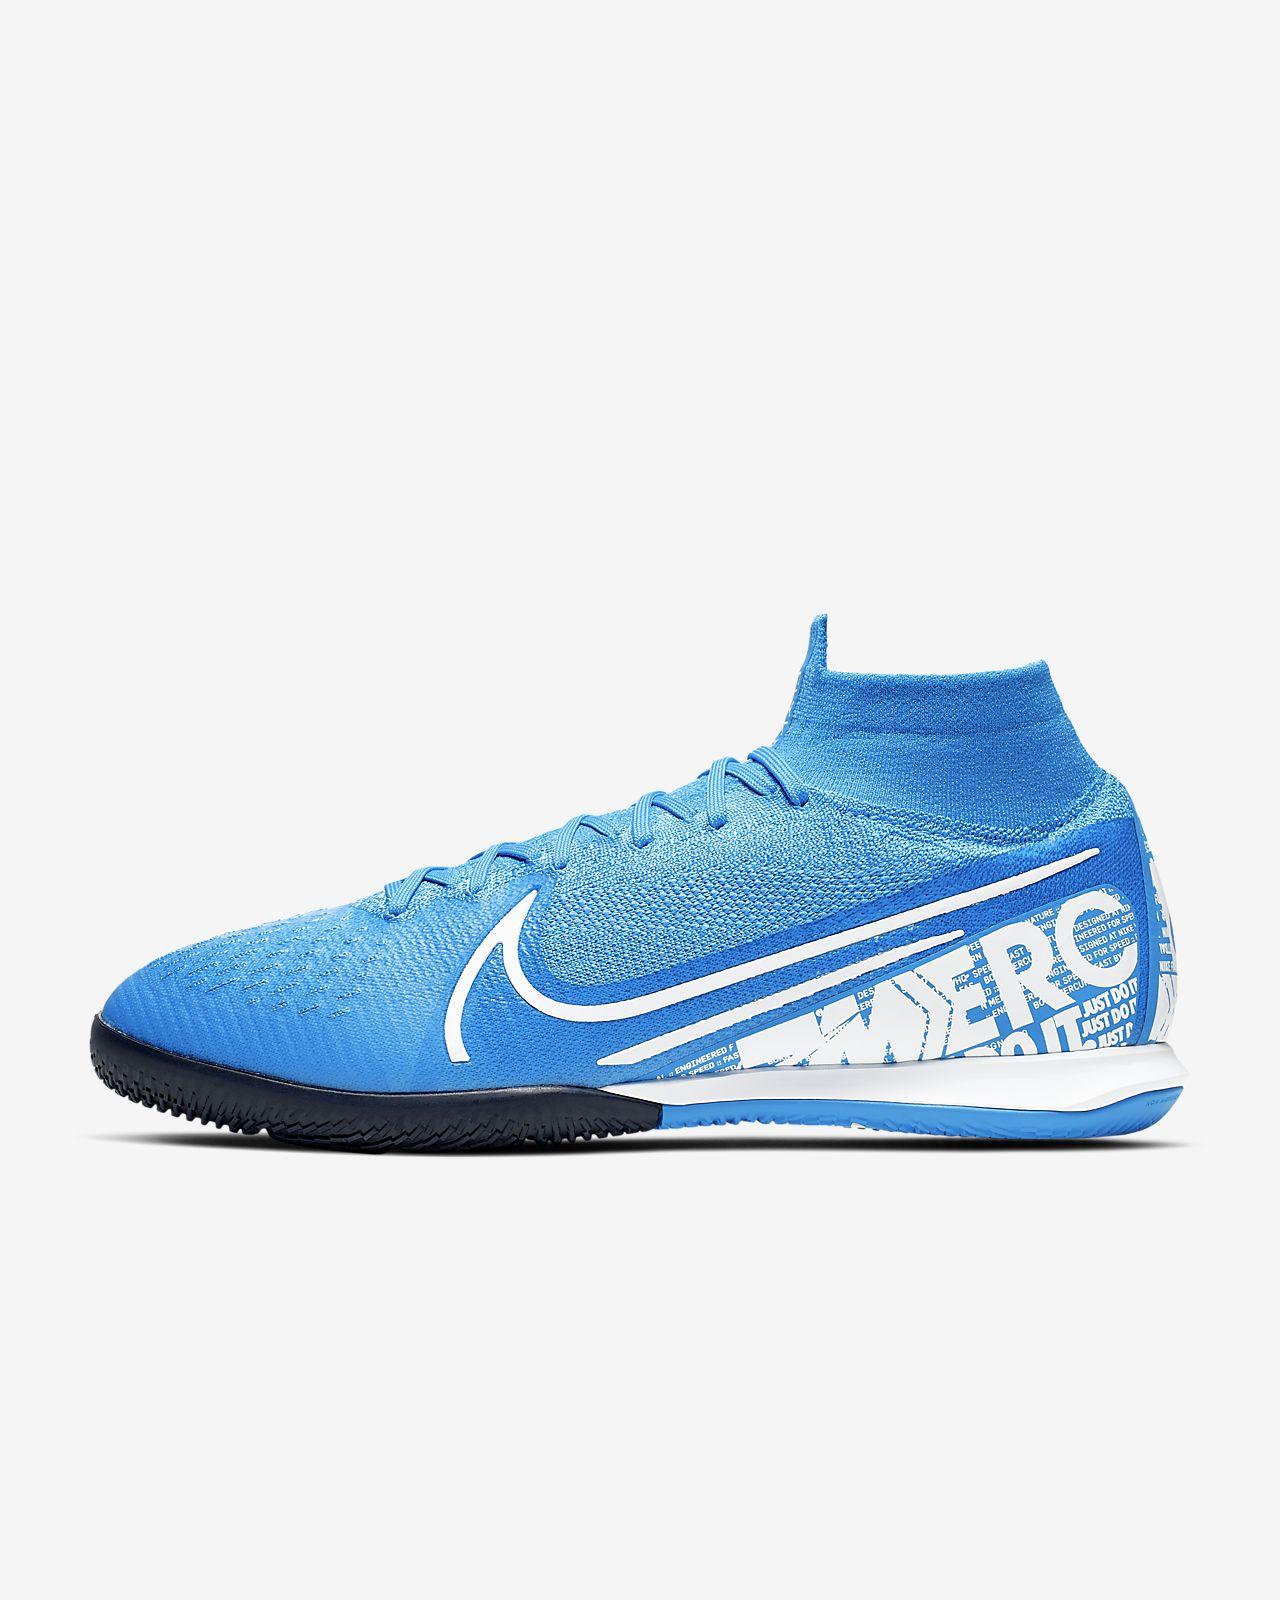 Nike Mercurial Superfly 7 Elite IC Botas de fútbol sala